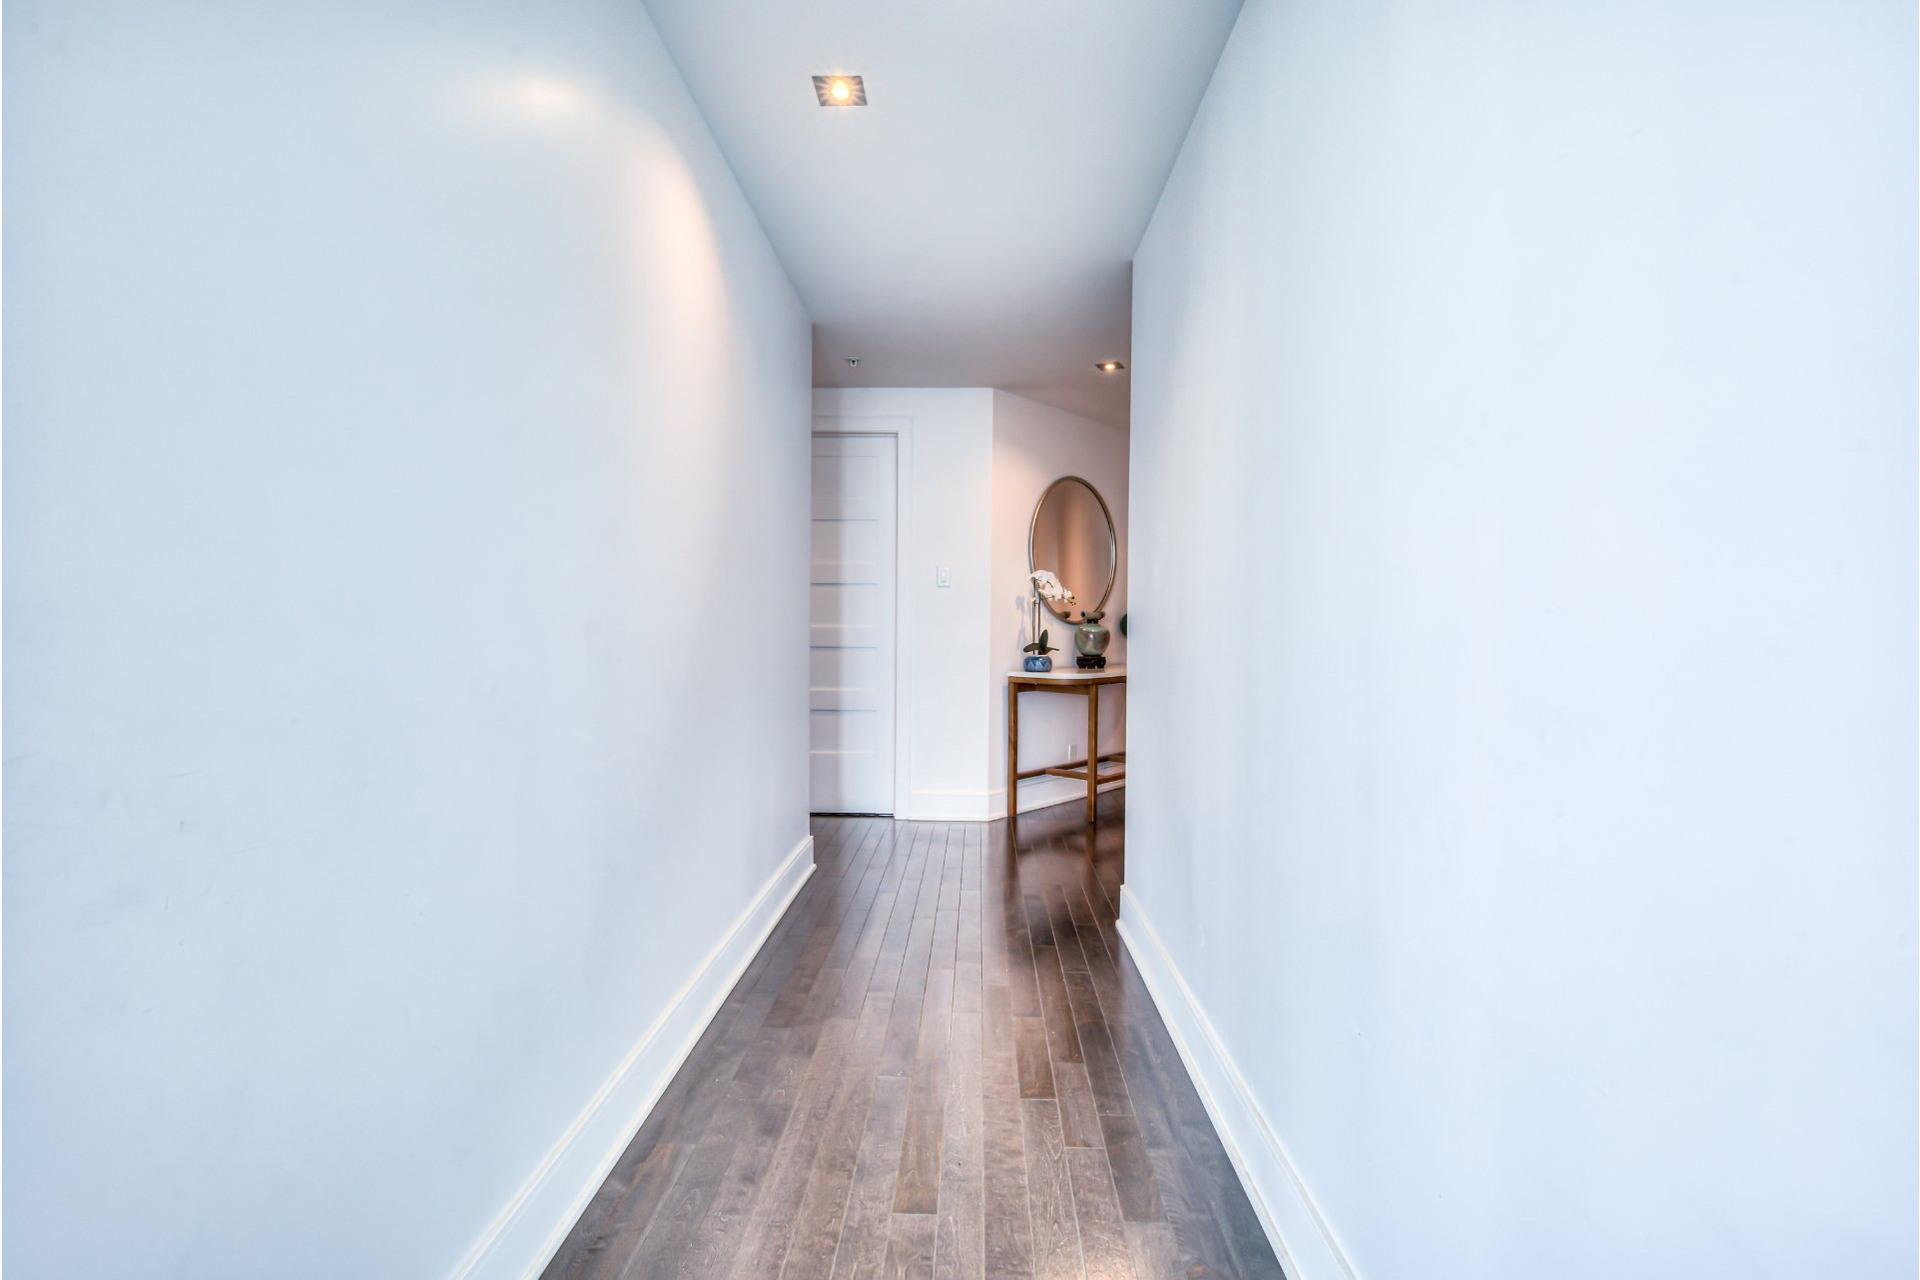 image 2 - Appartement À vendre Verdun/Île-des-Soeurs Montréal  - 11 pièces